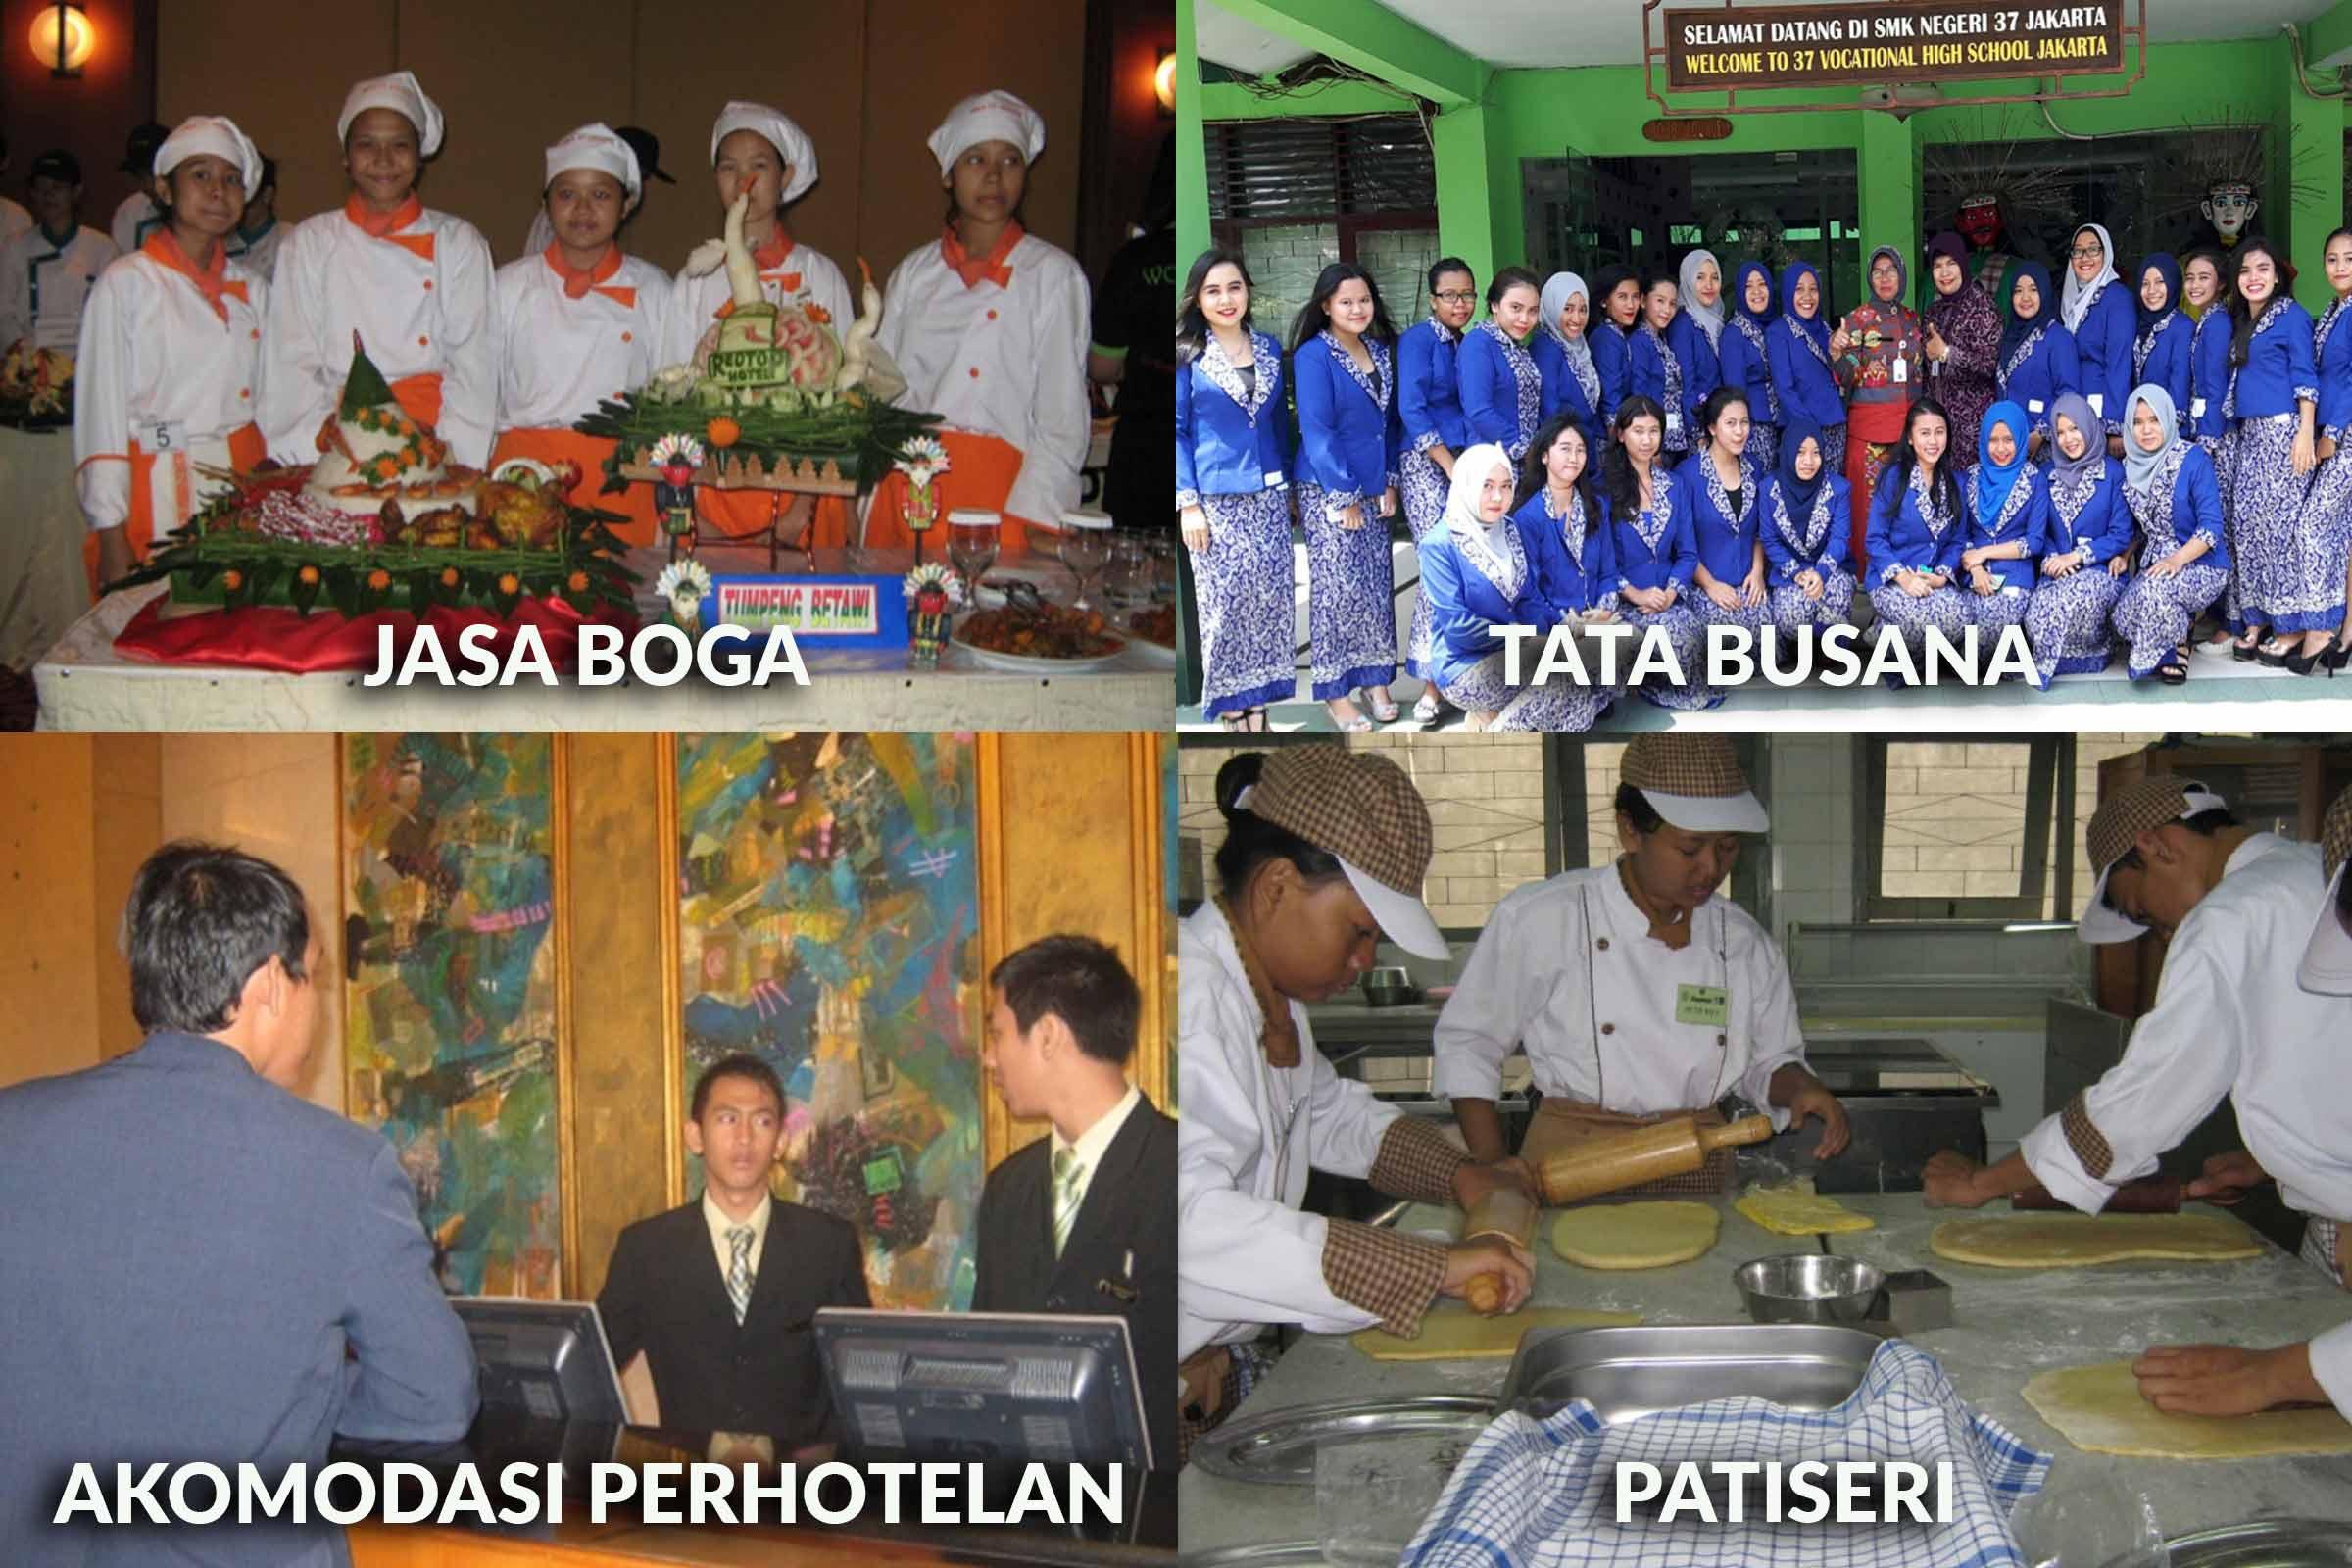 Jurusan SMK 37 Jakarta